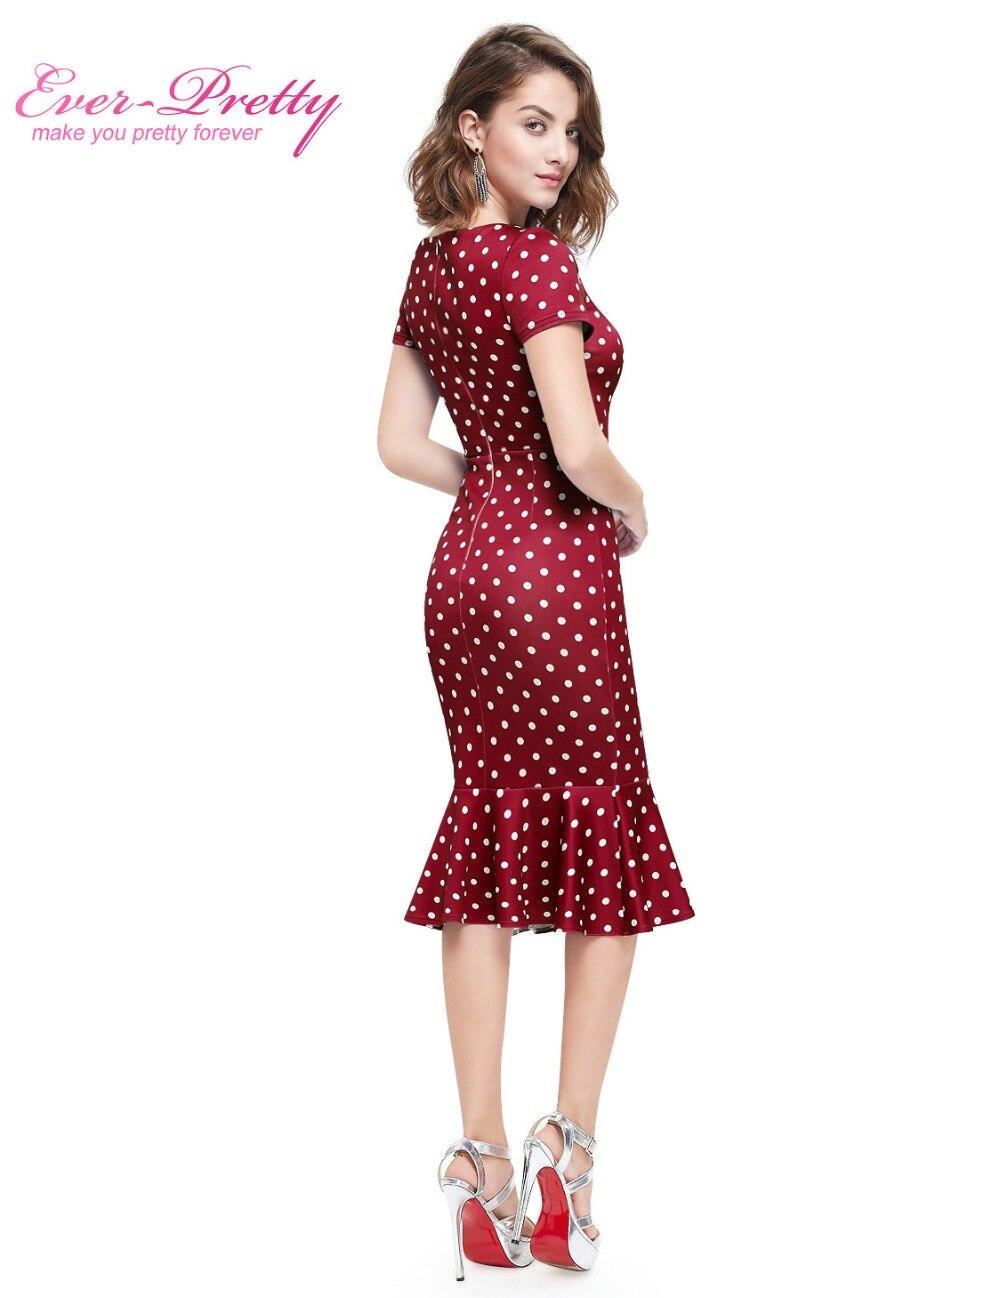 Мода коктейльные платья с тех довольно as05348 плюс размер короткие роскошные сексуальные партия платье 2016 марка красный коктейльные платья